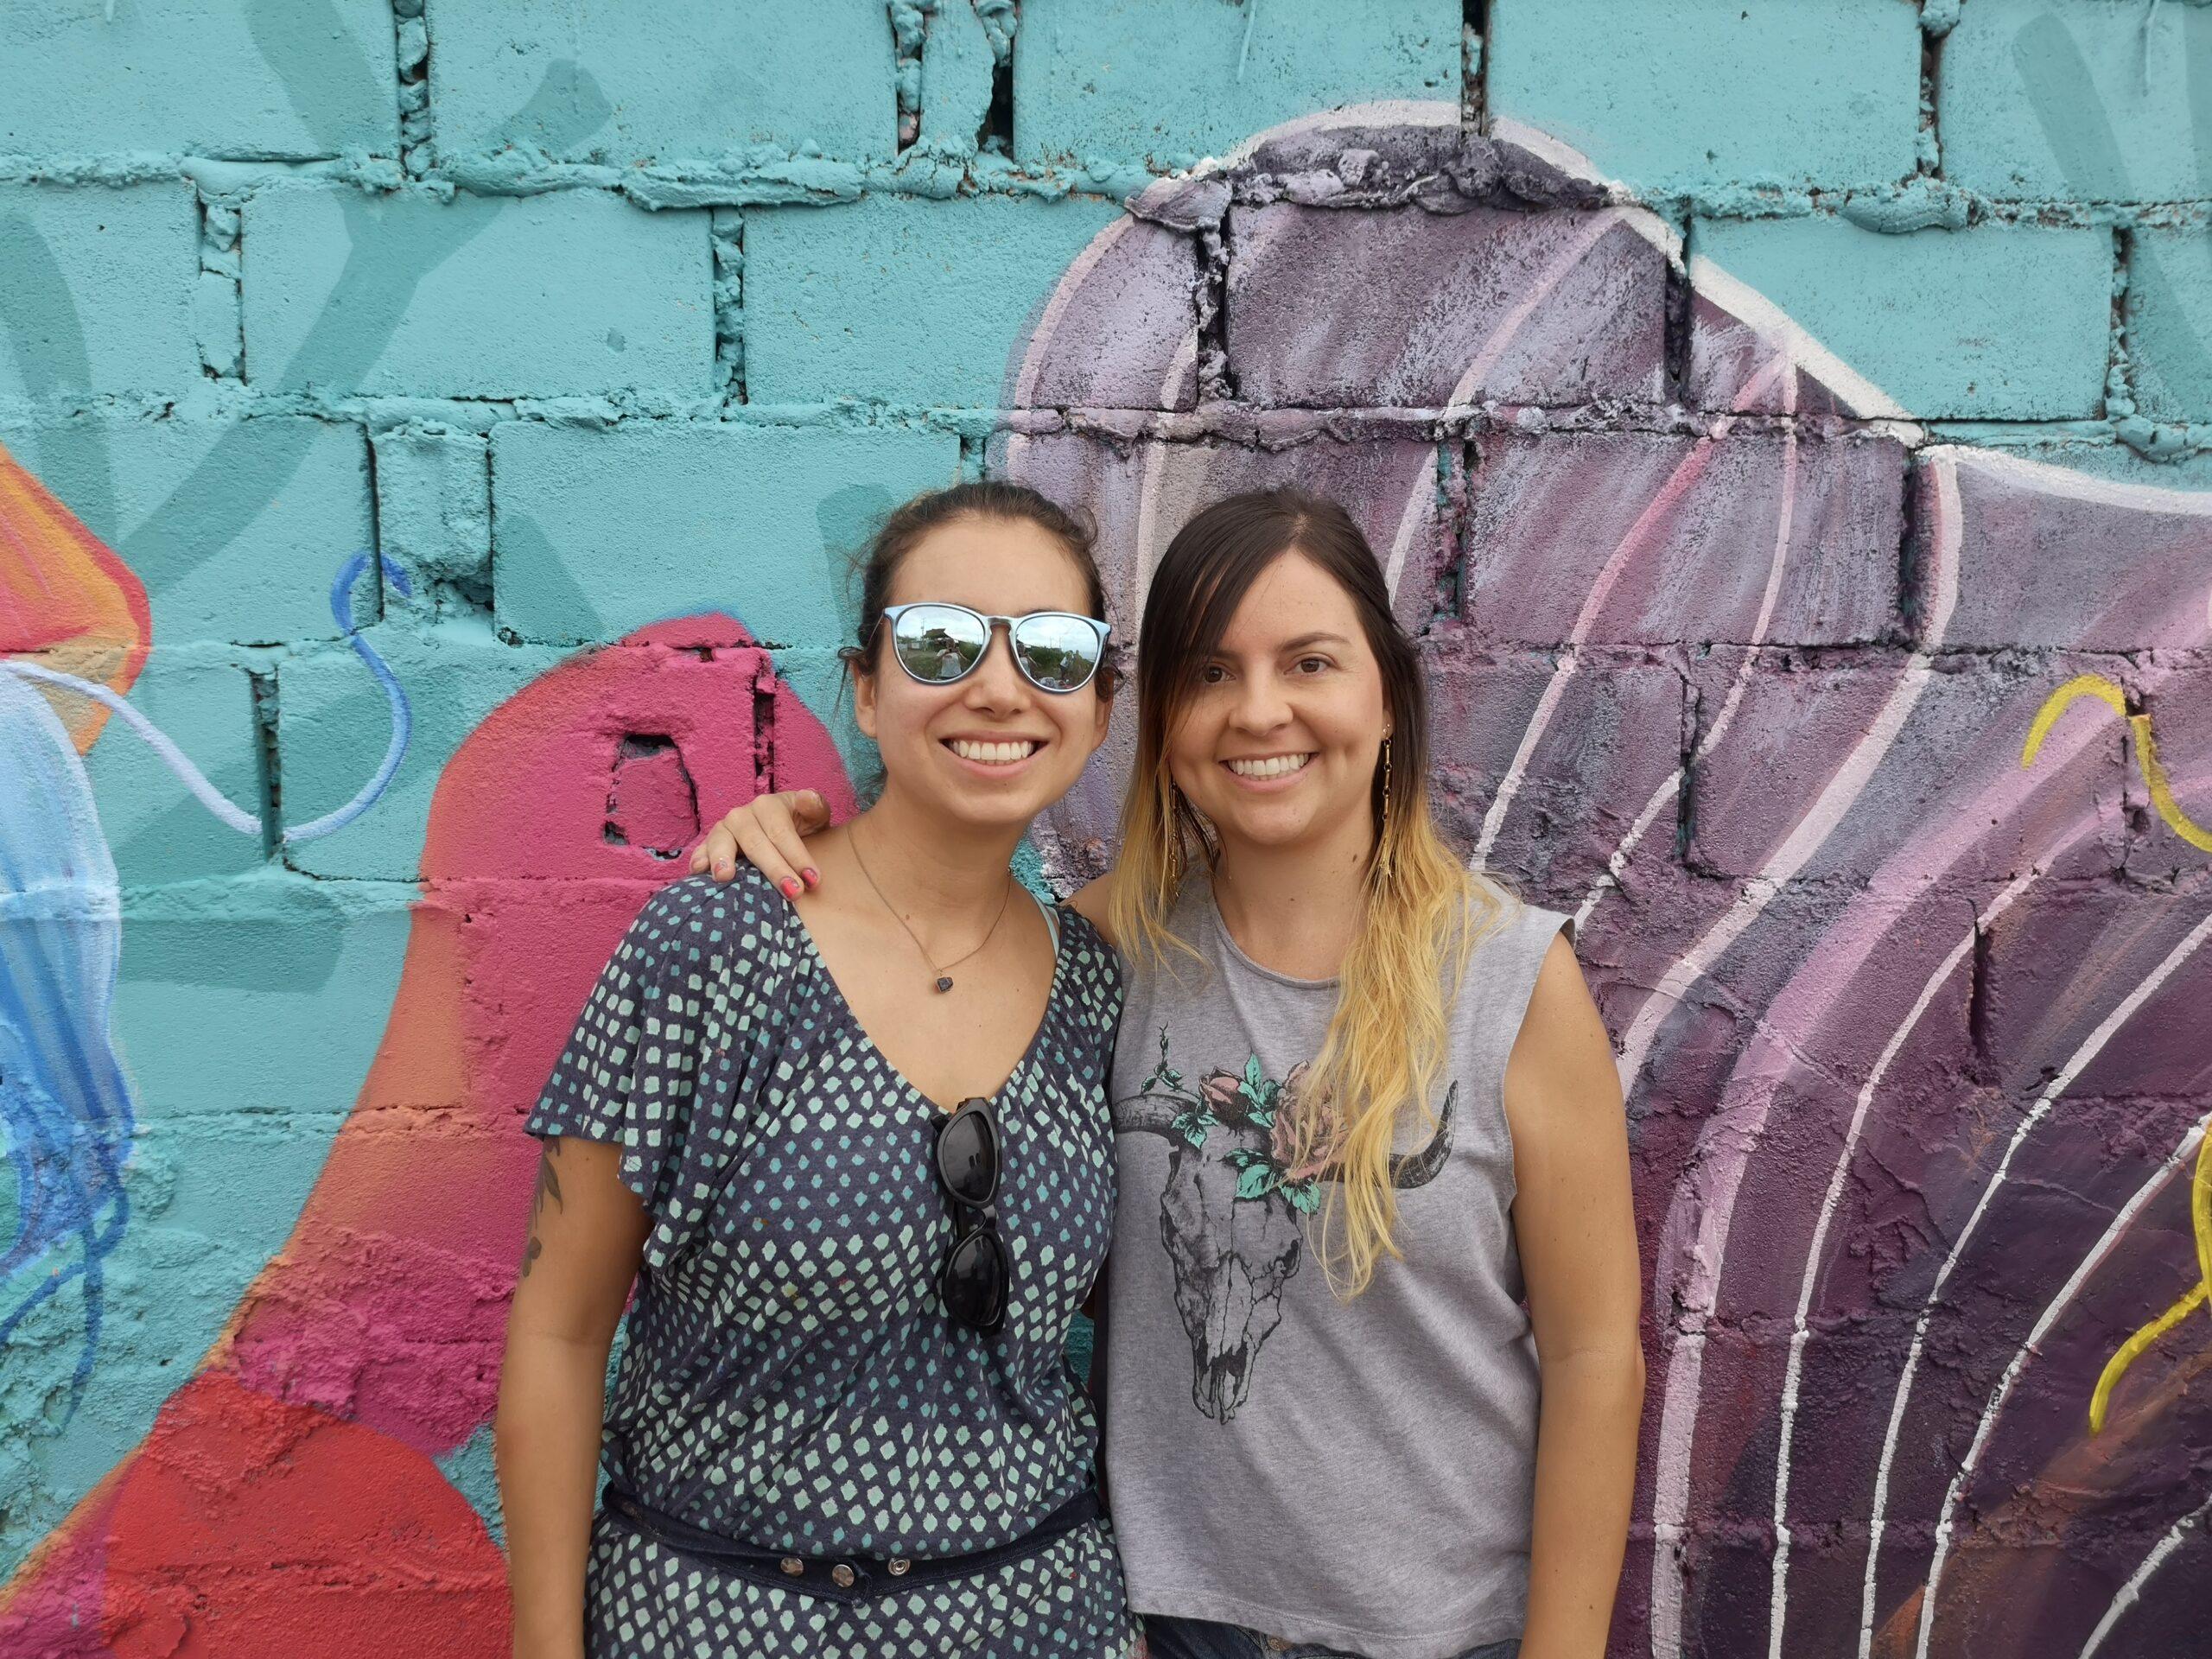 Foto Caro y Sara en el mural